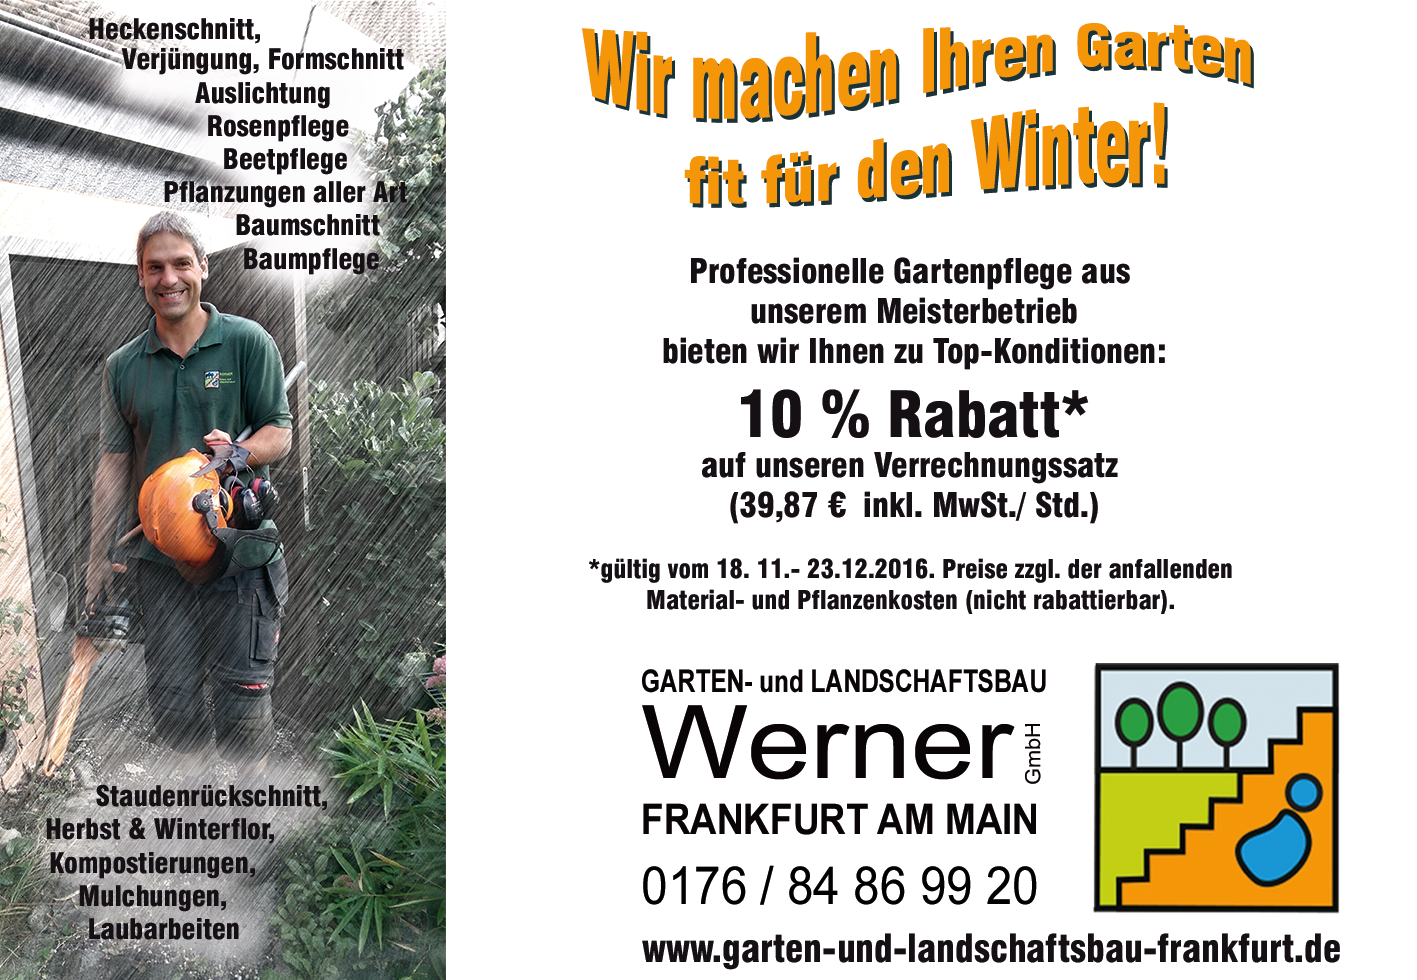 Garten Und Landschaftsbau Frankfurt willkommen bei sascha werner garten landschaftsbau frankfurt